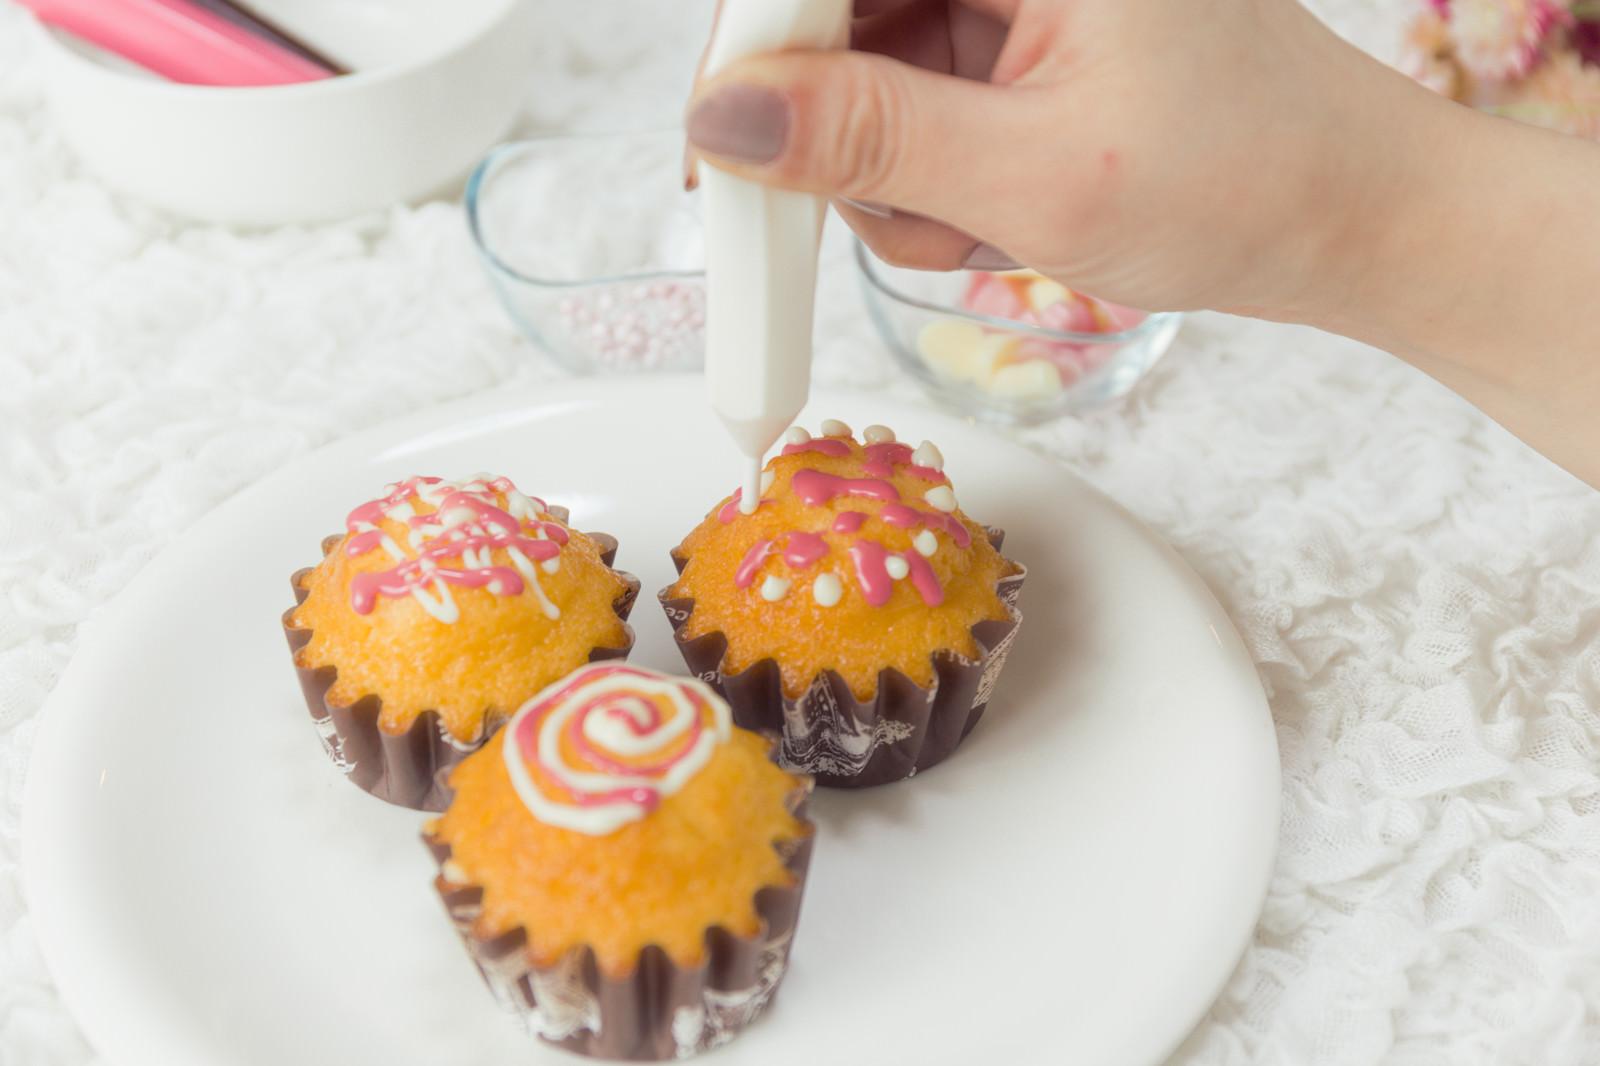 「ホワイトチョコをデコレーション中のカップケーキ」の写真